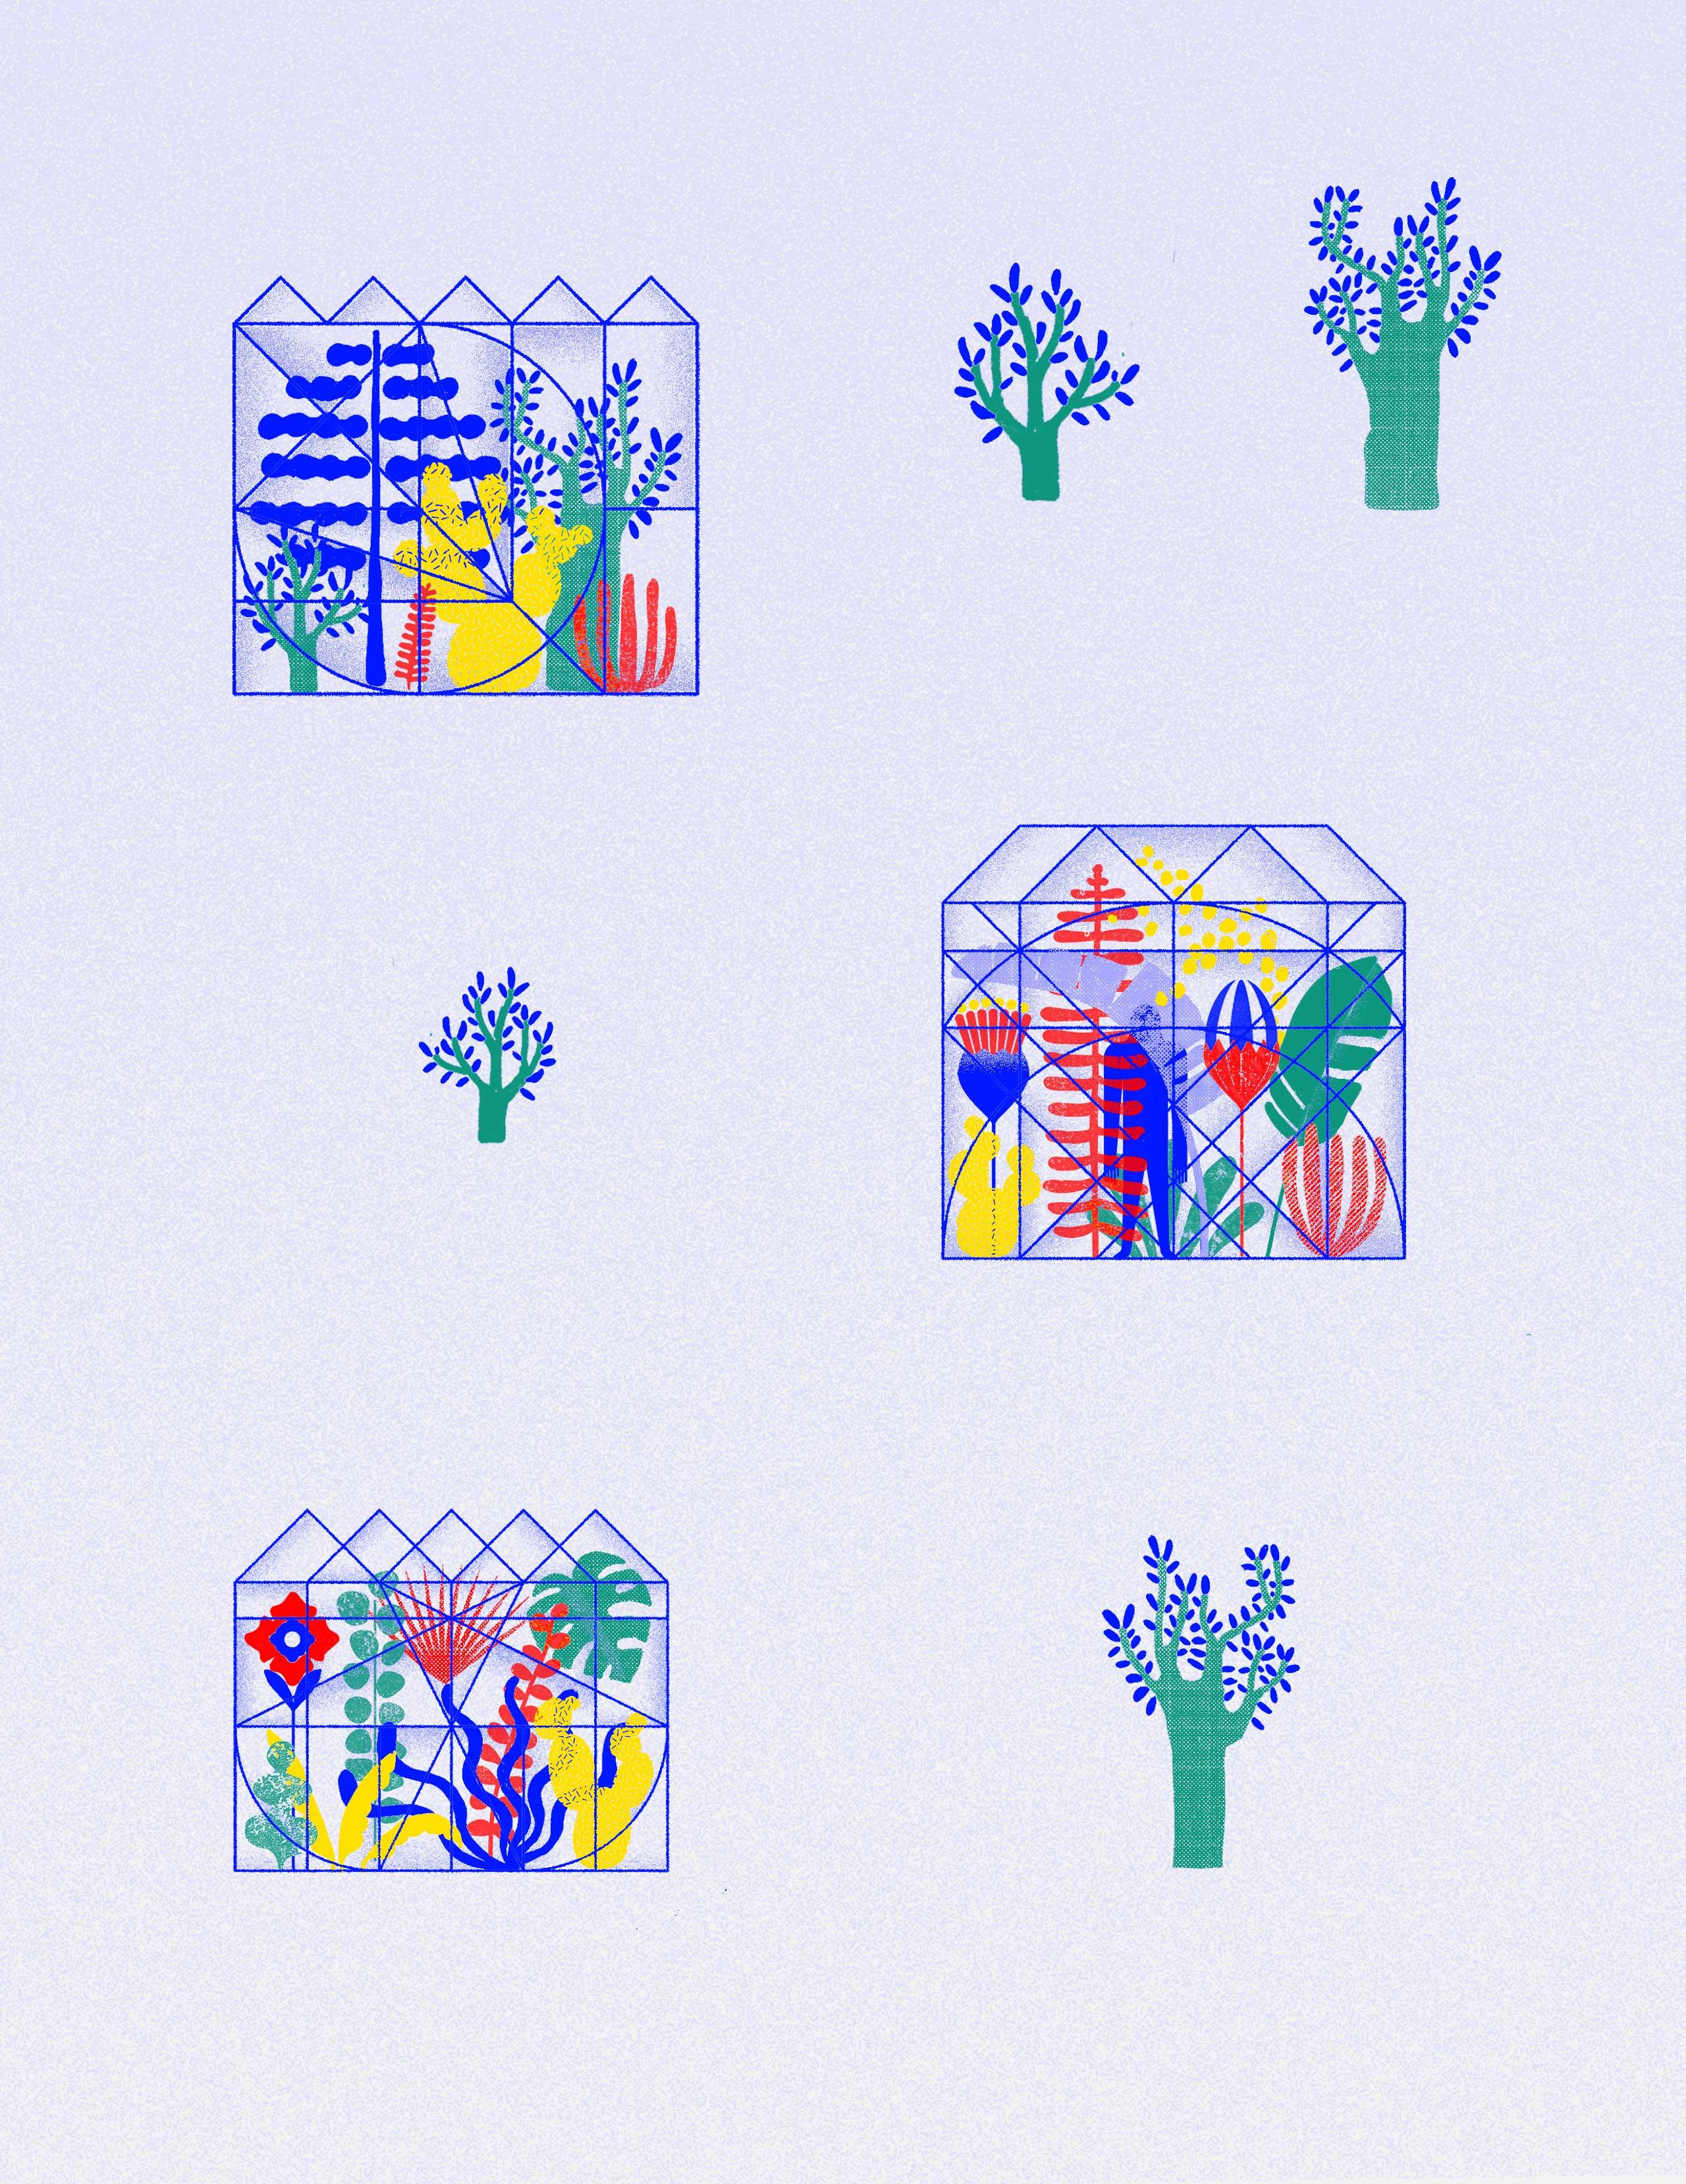 Juliaschwarzillustration-botanical-garden-content